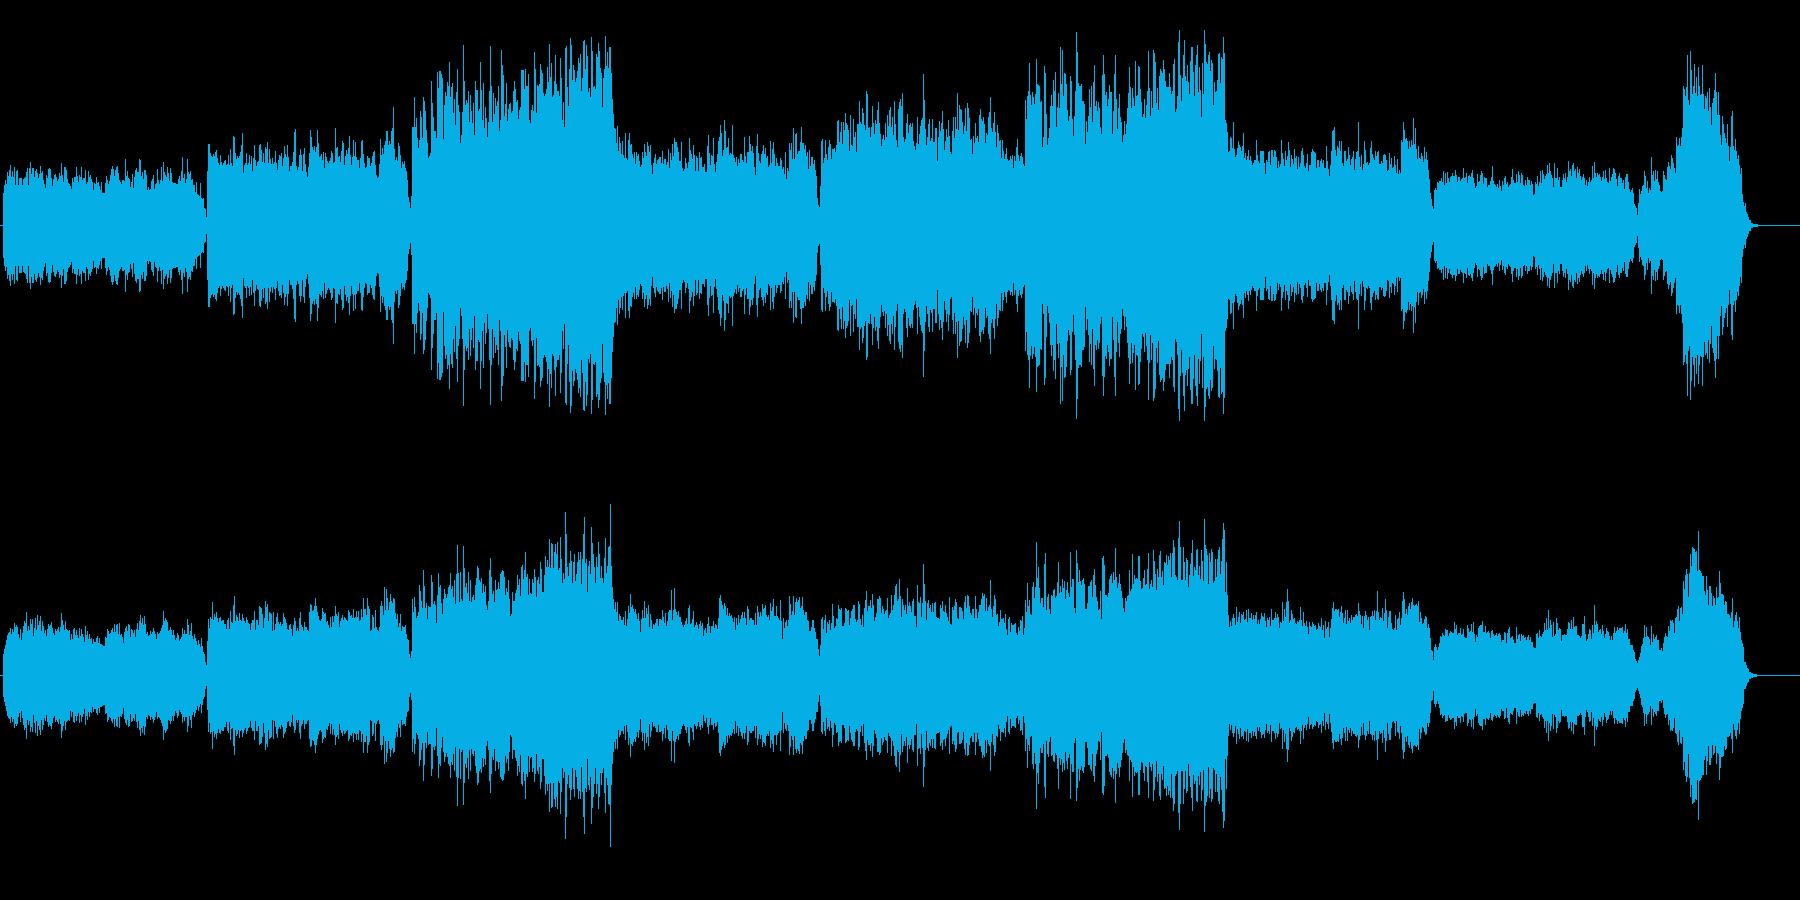 ニンフォマニアックなアンビエントタイトルの再生済みの波形